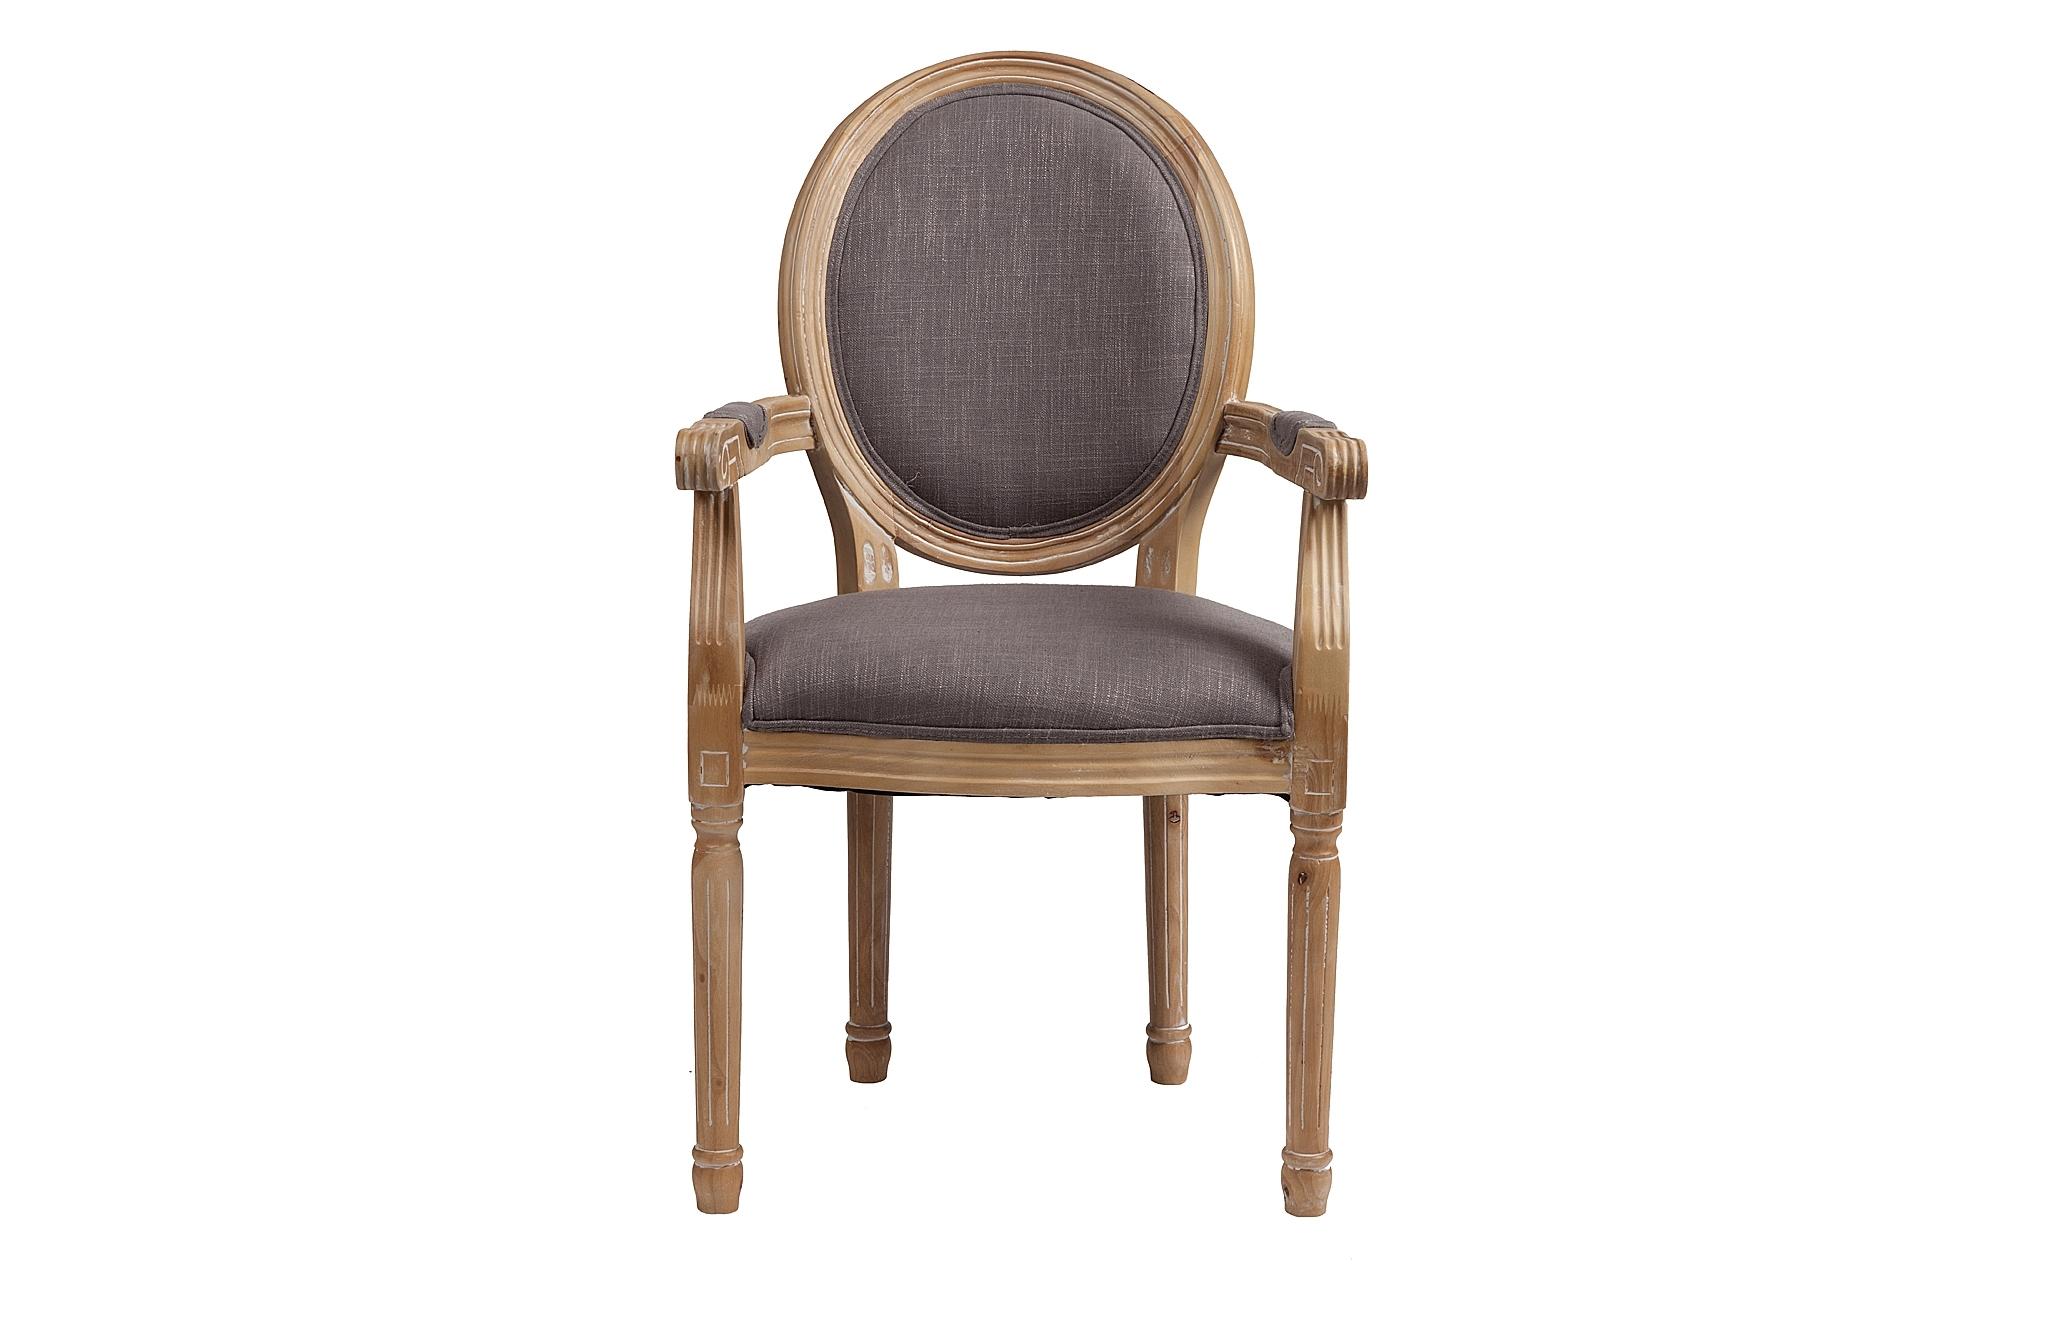 Кресло PollinaСтулья с подлокотниками<br>&amp;quot;Pollina&amp;quot; ? кресло в стиле французского двора, которое придется по вкусу ценителям сдержанной роскоши и изящества. Его силуэт, вошедший в моду еще при Людовике XVI, основывается на плавных формах округлой спинки. Именно благодаря последней оно также известно как кресло-медальон. В исполнении из натурального бука естественного оттенка классические пропорции выглядят особенно благородно. Хлопковая обивка нейтральной серой палитры выступает прекрасным завершением скромного образа, в своей строгости скрывающего истинный королевский шик.<br><br>Material: Хлопок<br>Length см: 55<br>Width см: 60<br>Height см: 96